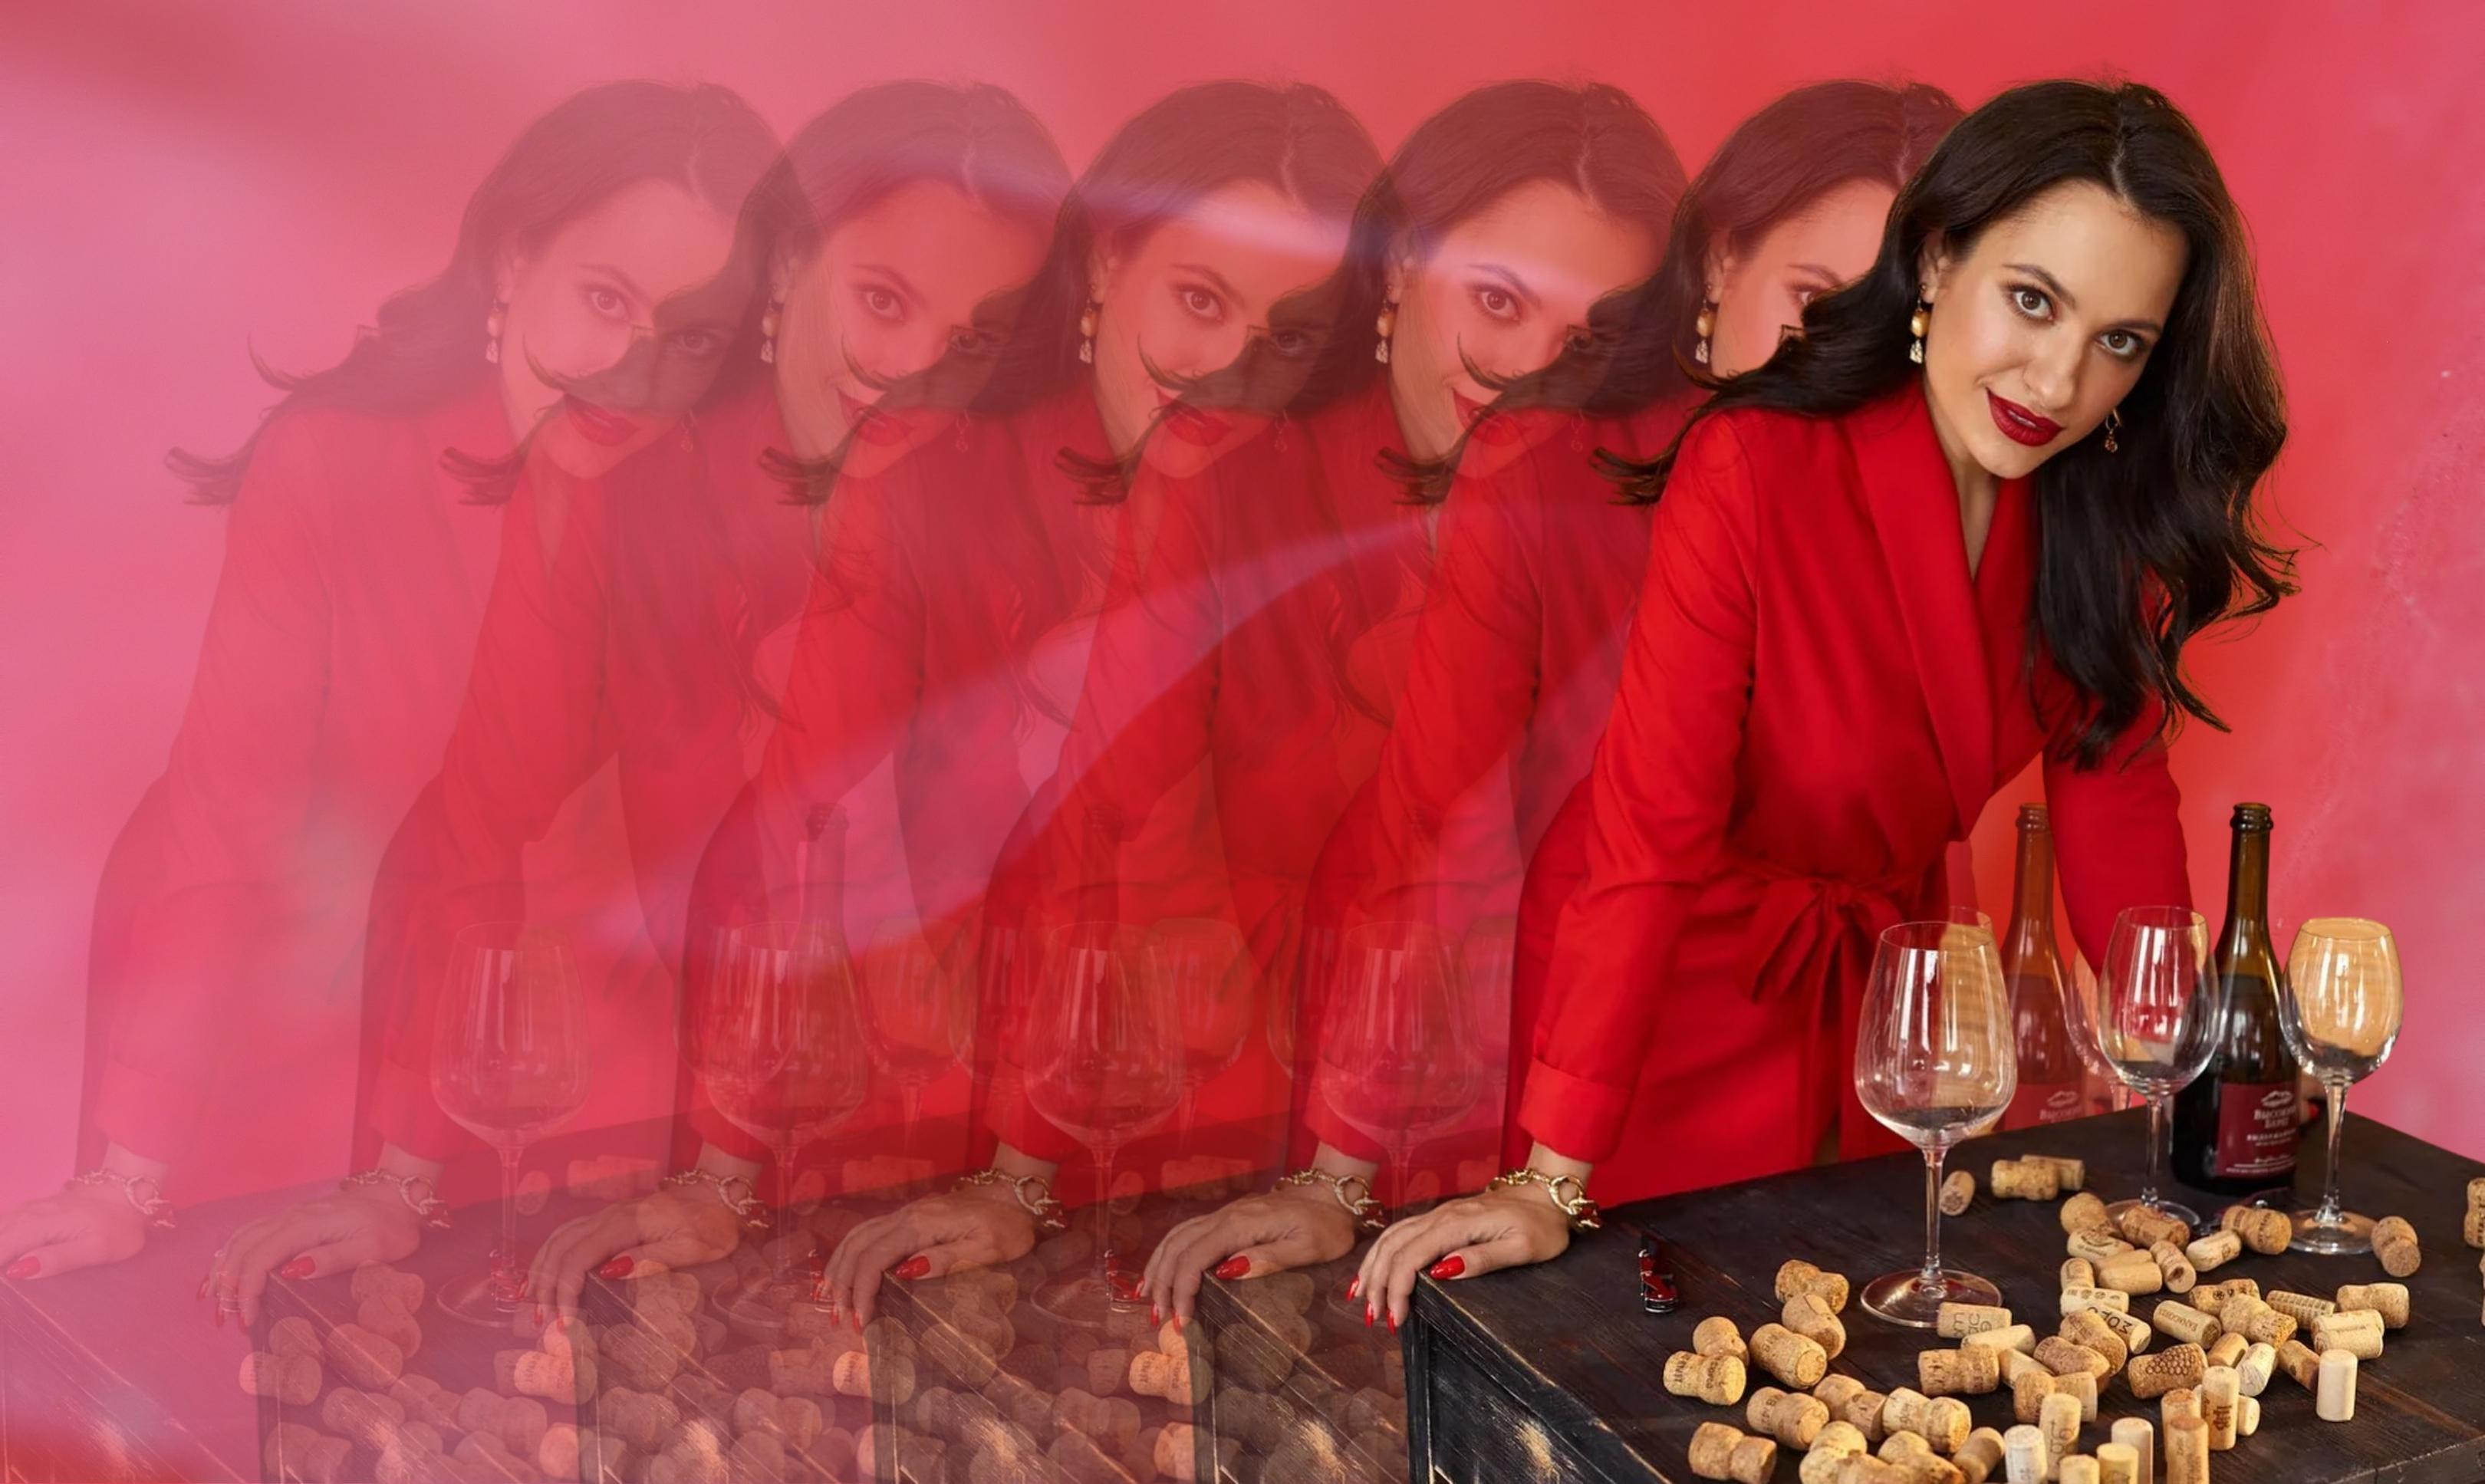 Принципы сочетания вина и гастрономии: авторская колонка Евгении Шакуро